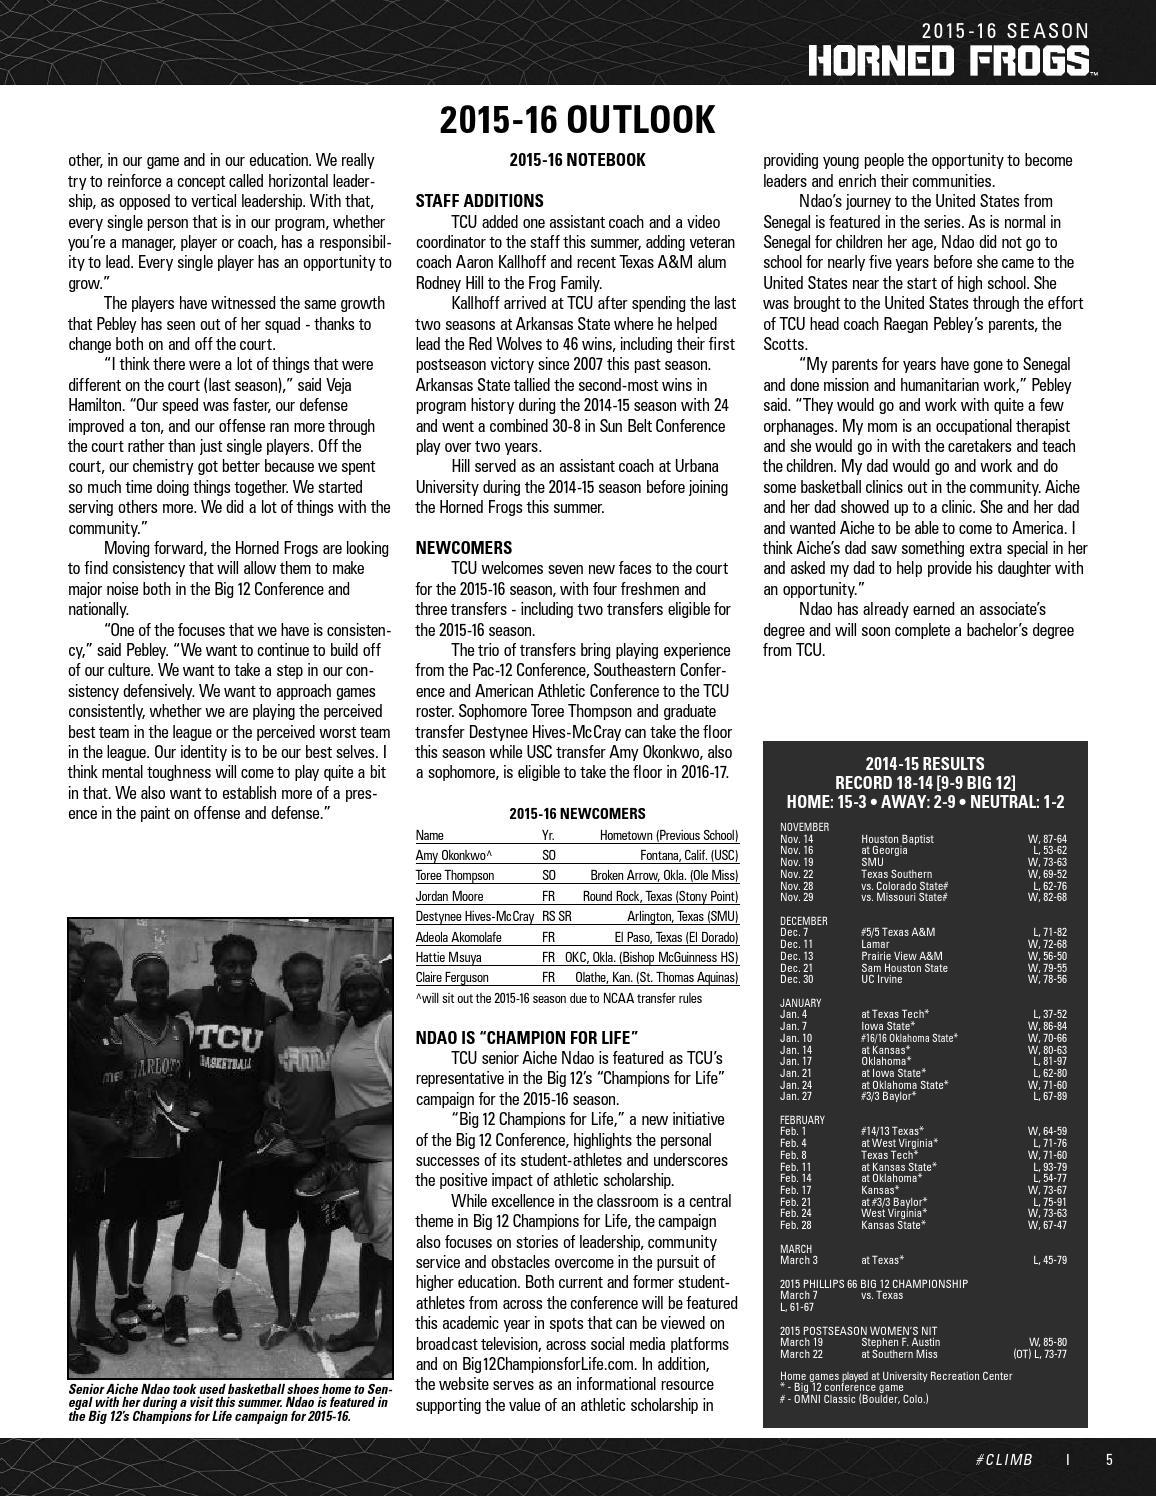 Tcu Guide Book 2015/16